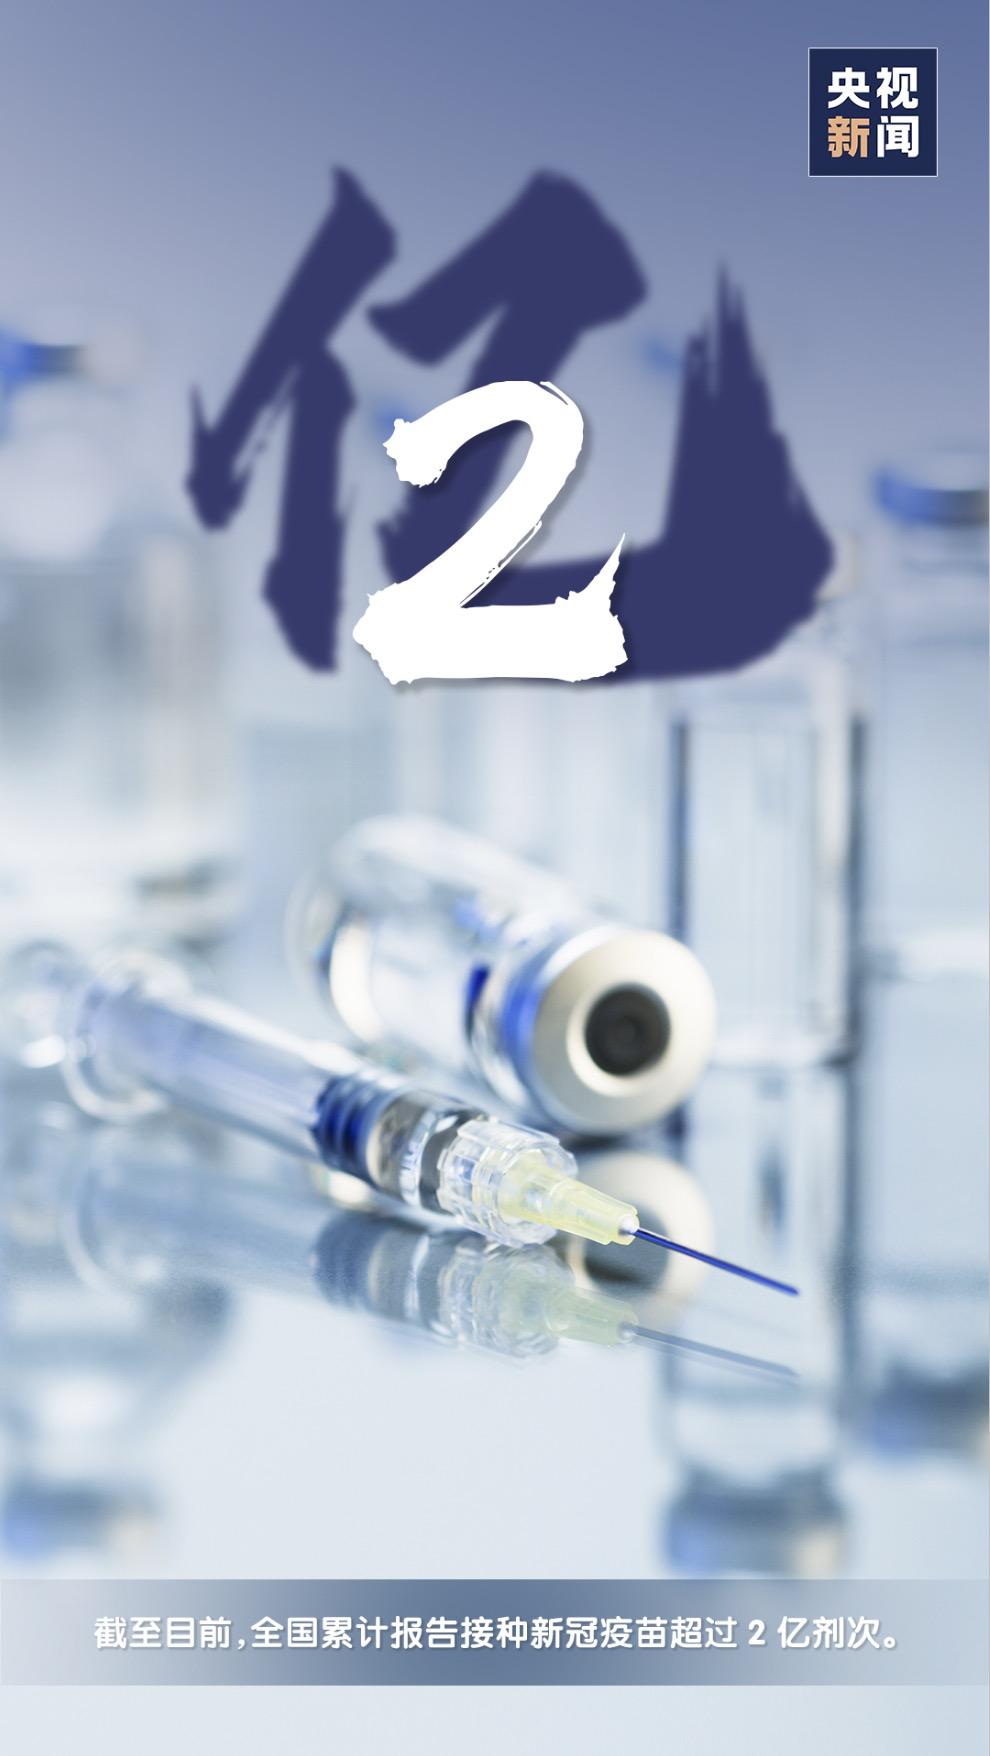 一起打疫苗!全国接种新冠疫苗超过2亿剂次!